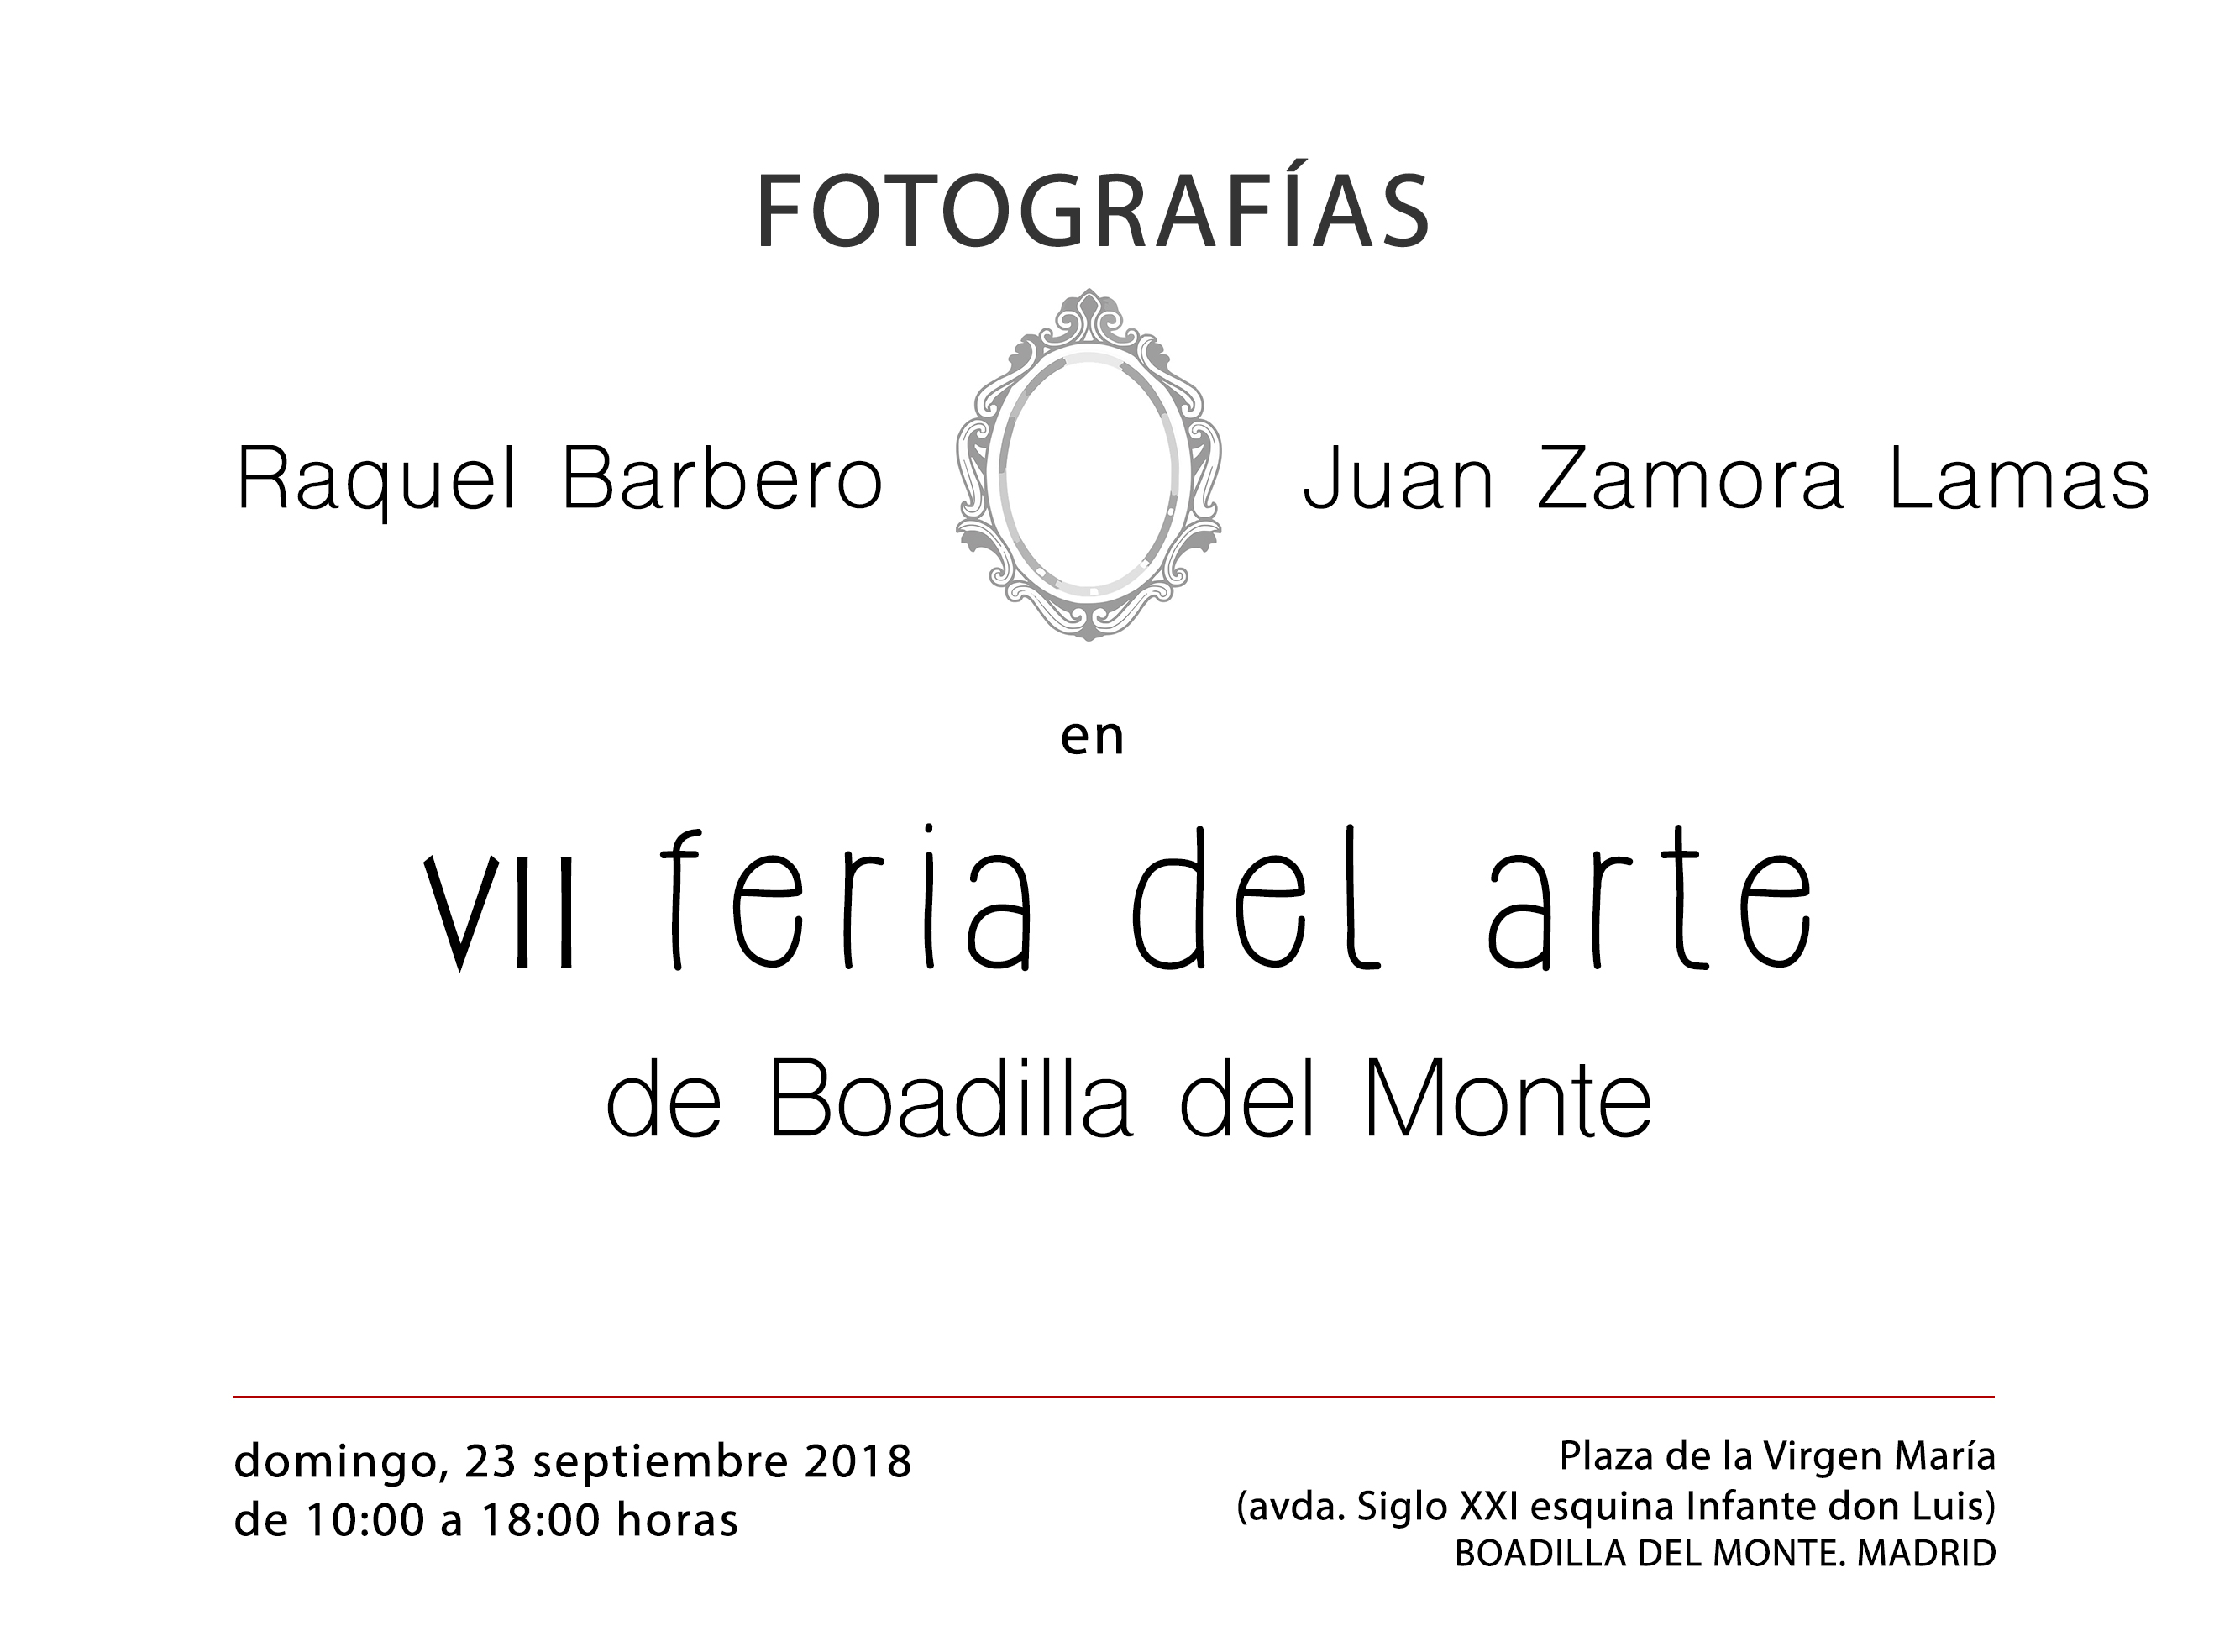 Feria de arte 2018 de Boadilla del Monte